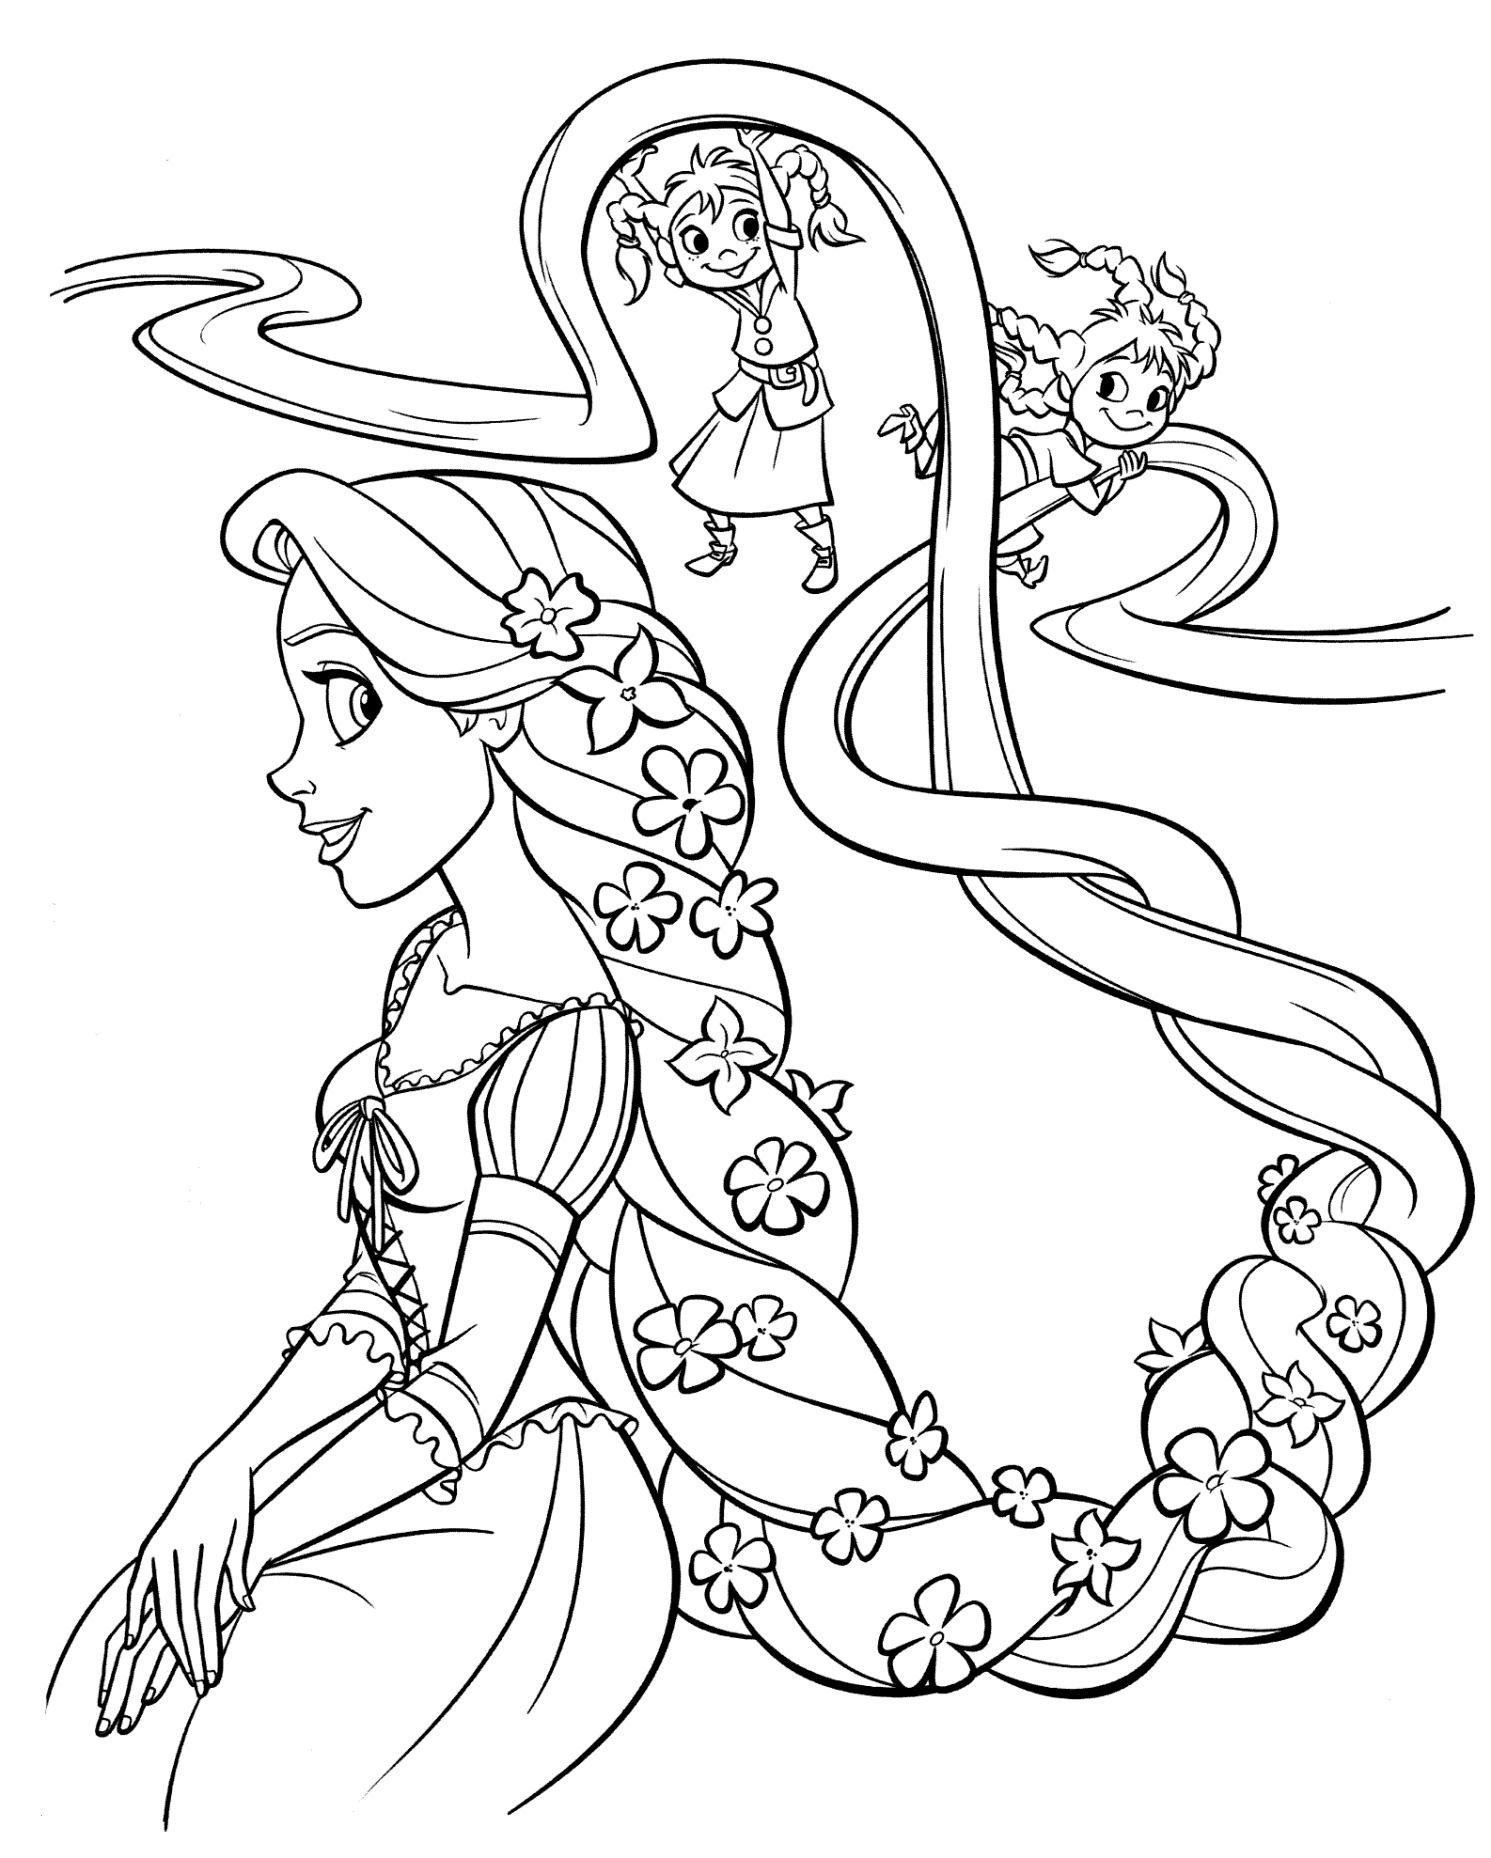 Ausmalbilder Rapunzel Malvorlagen | Malvorlage Prinzessin in Prinzessin Ausmalbilder Zum Ausdrucken